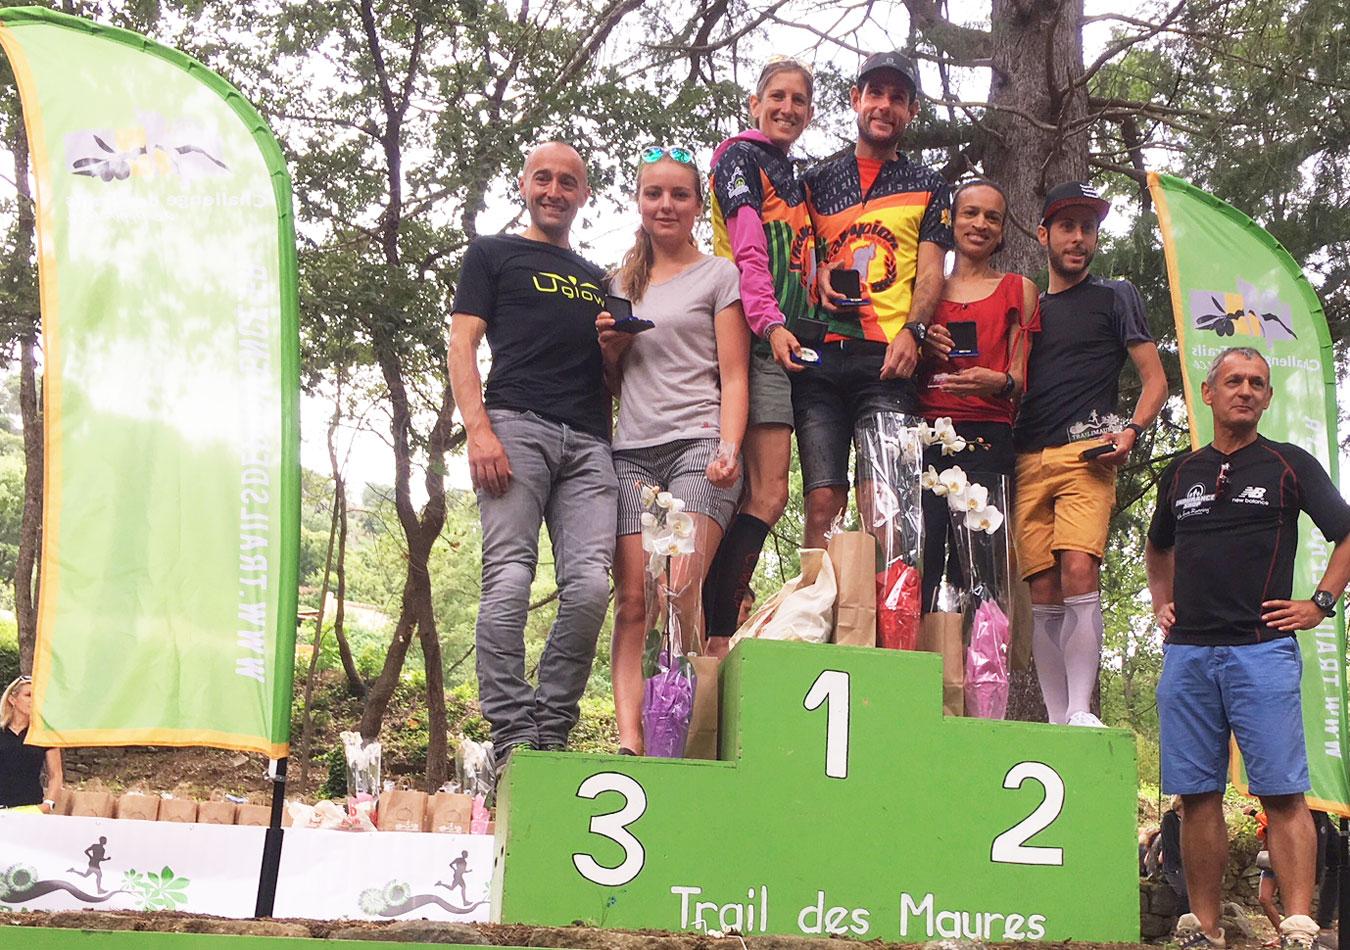 Trail des Maures : Alexia Coudray et Yohan Peisson champions 2018 des Trails courts de Provence